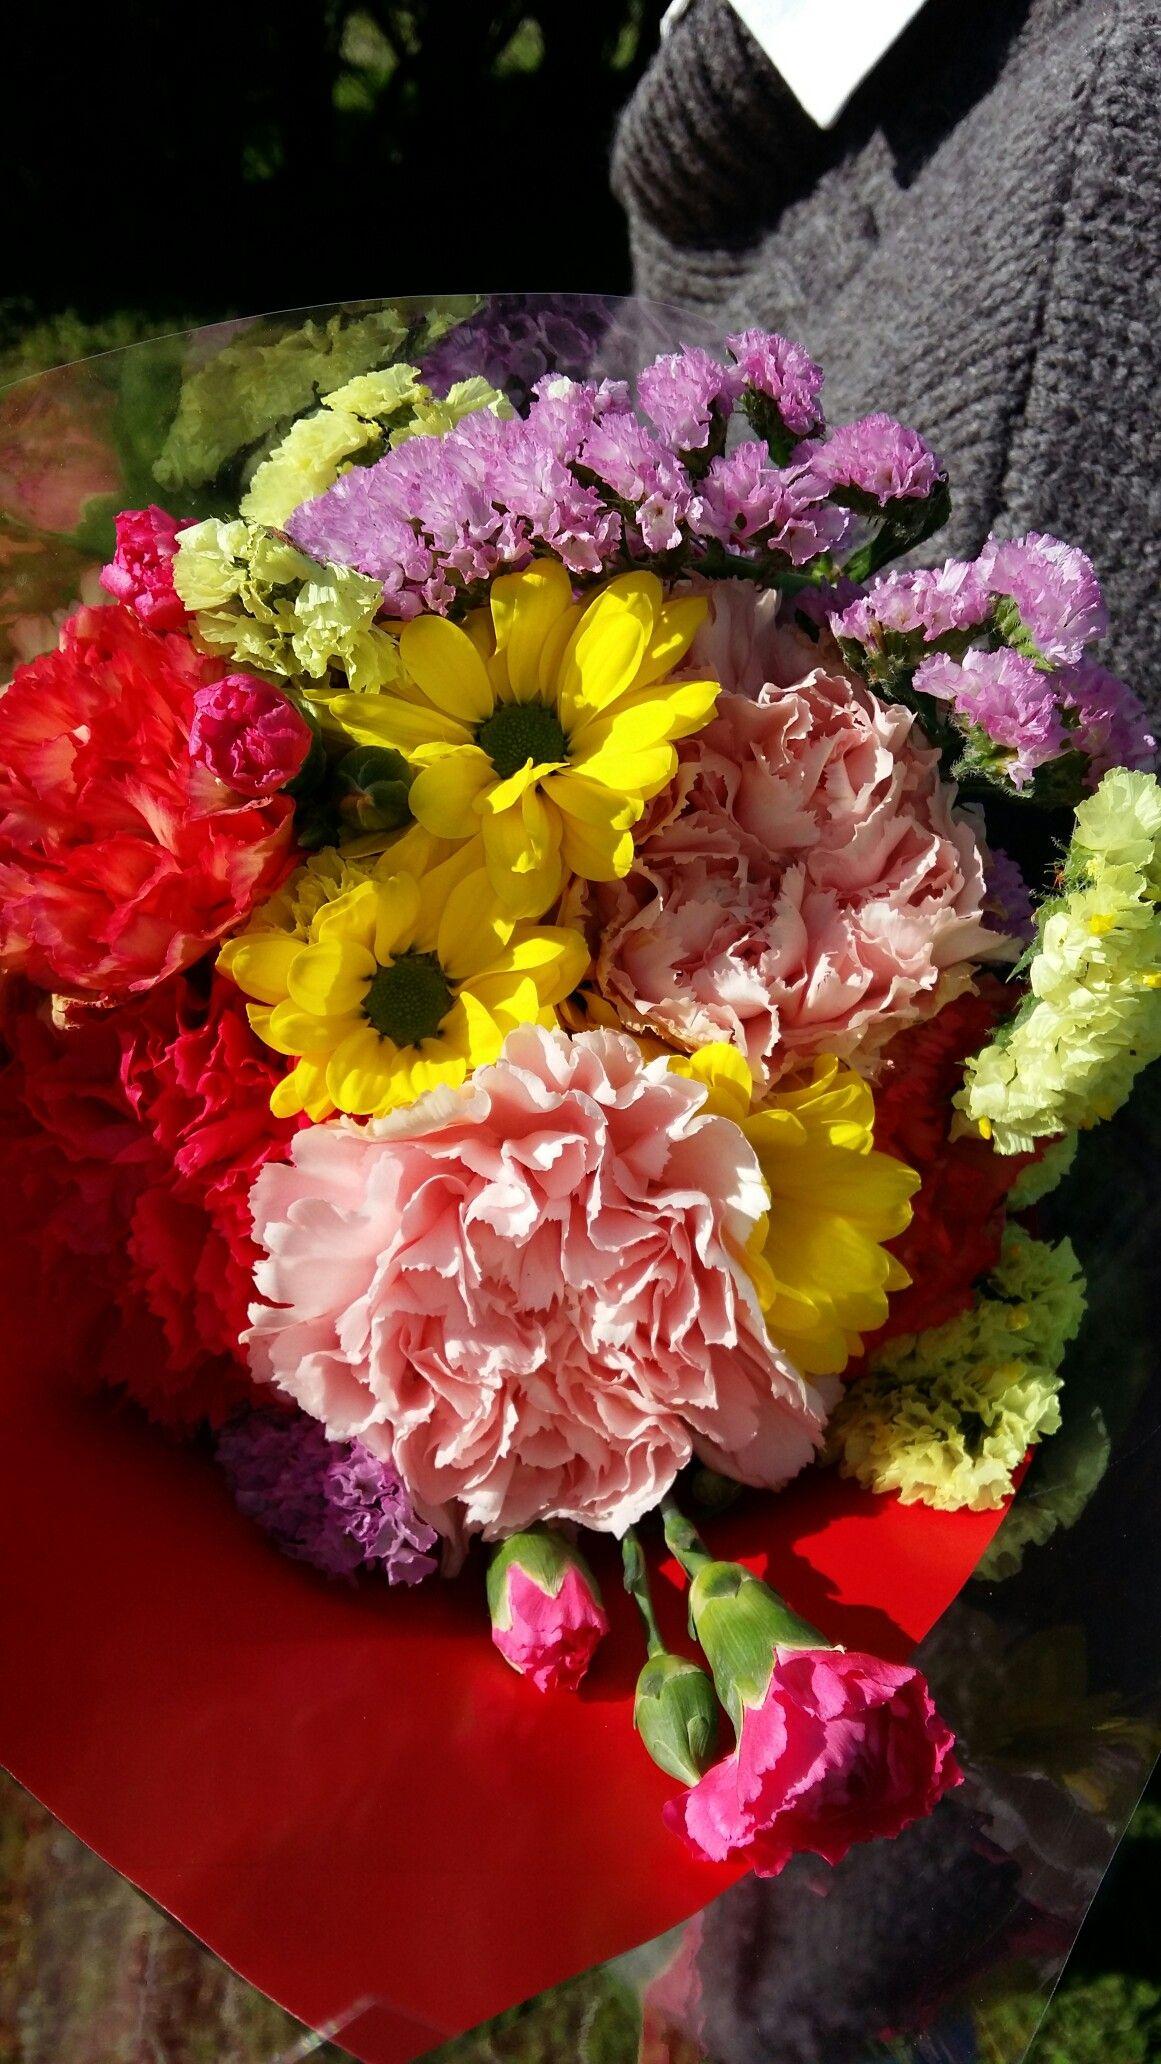 Un bonito ramo de flores. Ideas para regalar.